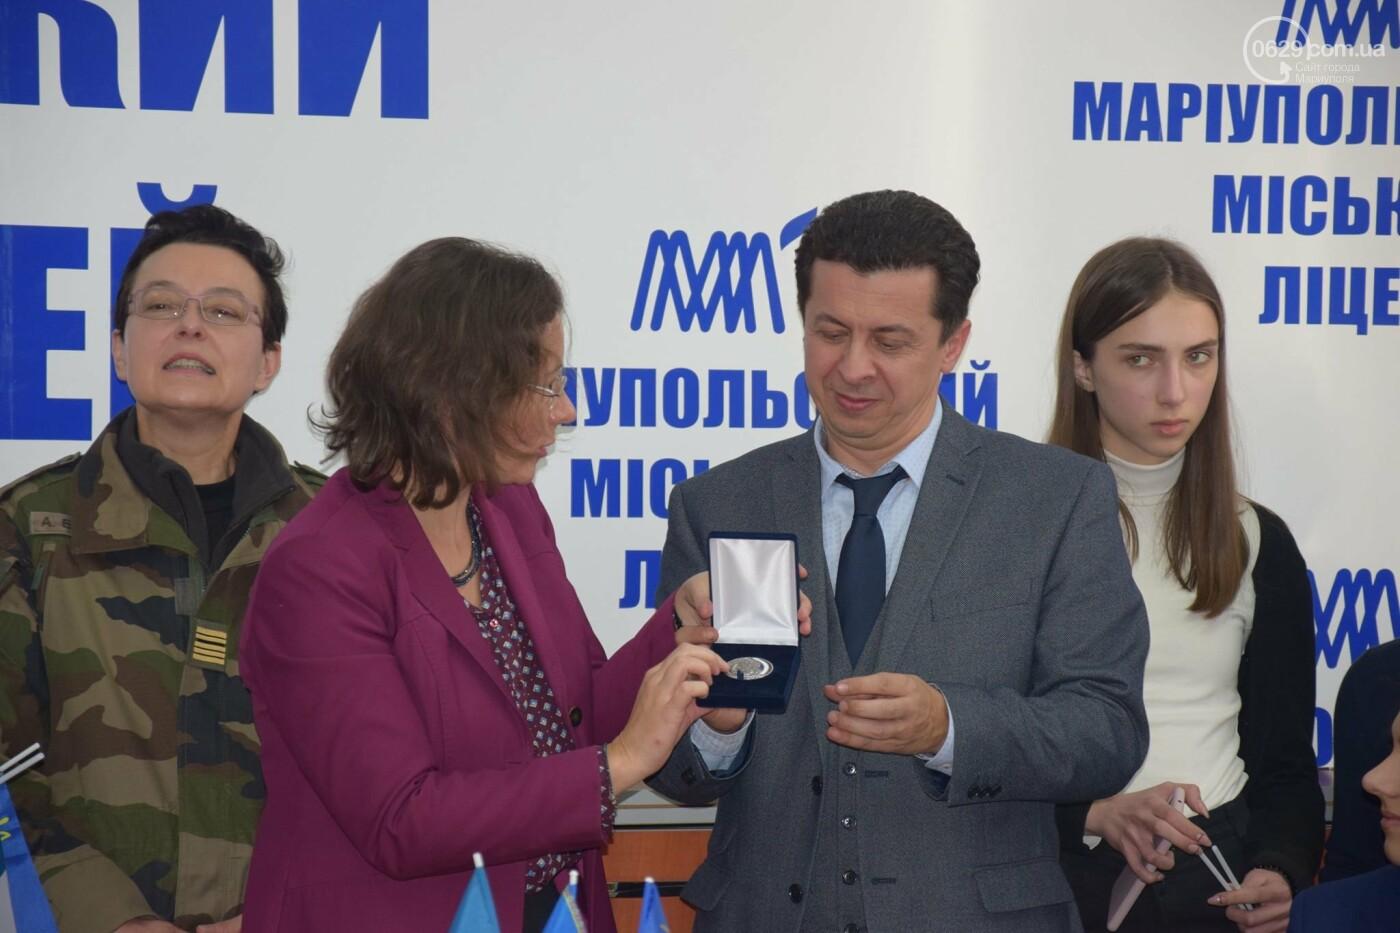 Посол Франции в Украине посетила Мариупольский лицей,- ФОТО, ВИДЕО, фото-4